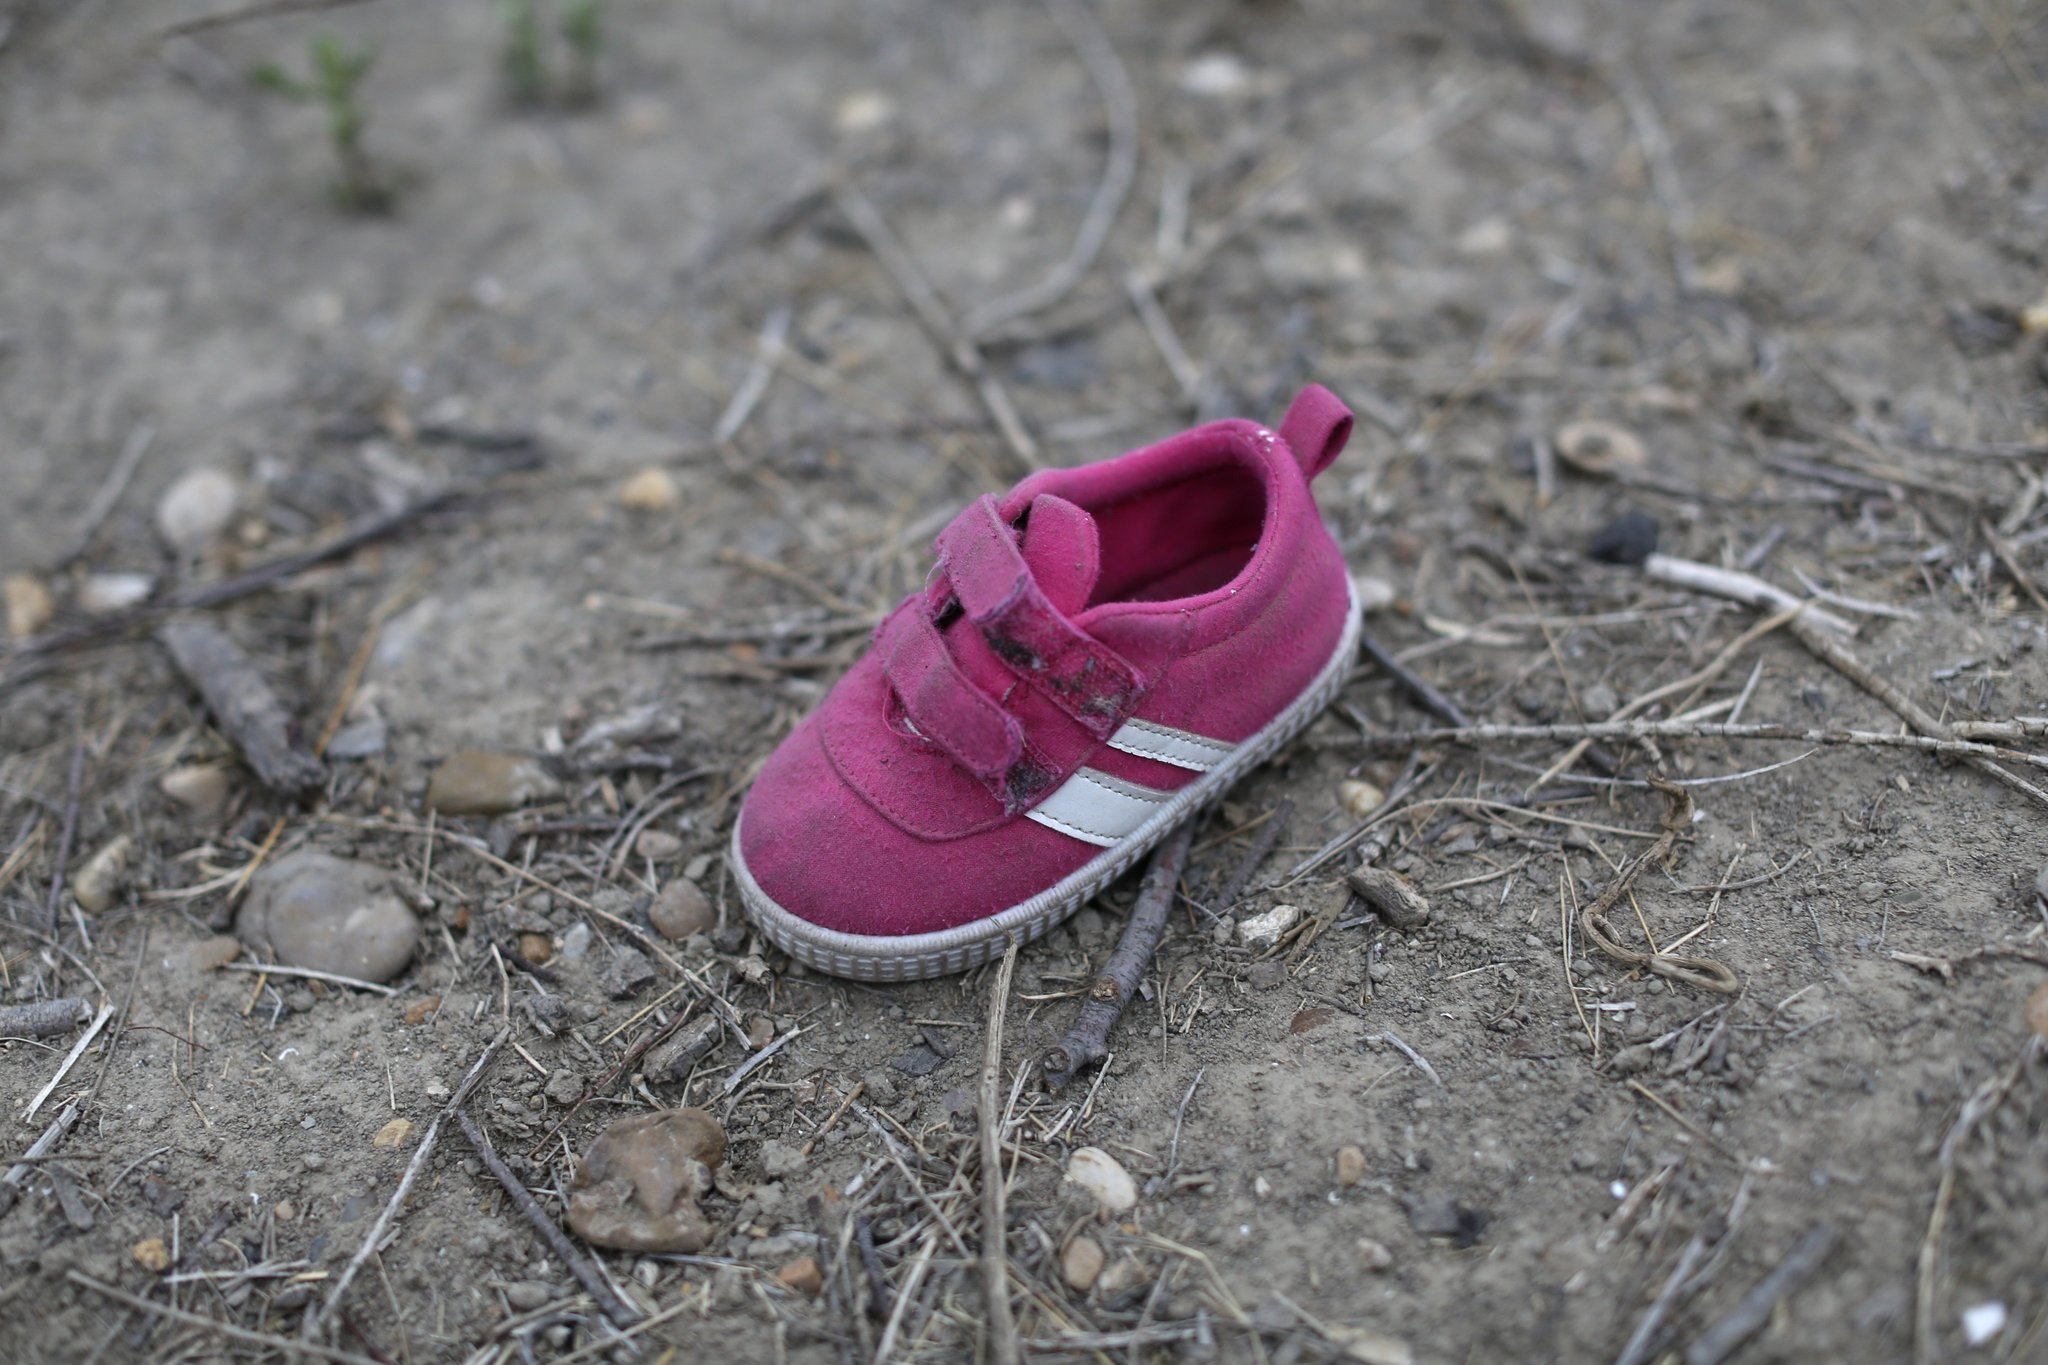 28일(현지시간) 미국 텍사스주 로마(Roma)의 리오 그란데 강변에 분홍색 어린이 신발이 버려져 있다. 중남미 불법 이민자 가족이 통과한 흔적이다. 텍사스 주 리오 그란데 계곡에 위치한 인구 1만명의 도시 로마는 최근 집중적인 불법 이민 통로가 되고 있다. 저녁에 어둠이 내리면 이민자들을 태우고 강 건너 미국으로 향하는 보트가 줄을 잇는다. AP=연합뉴스